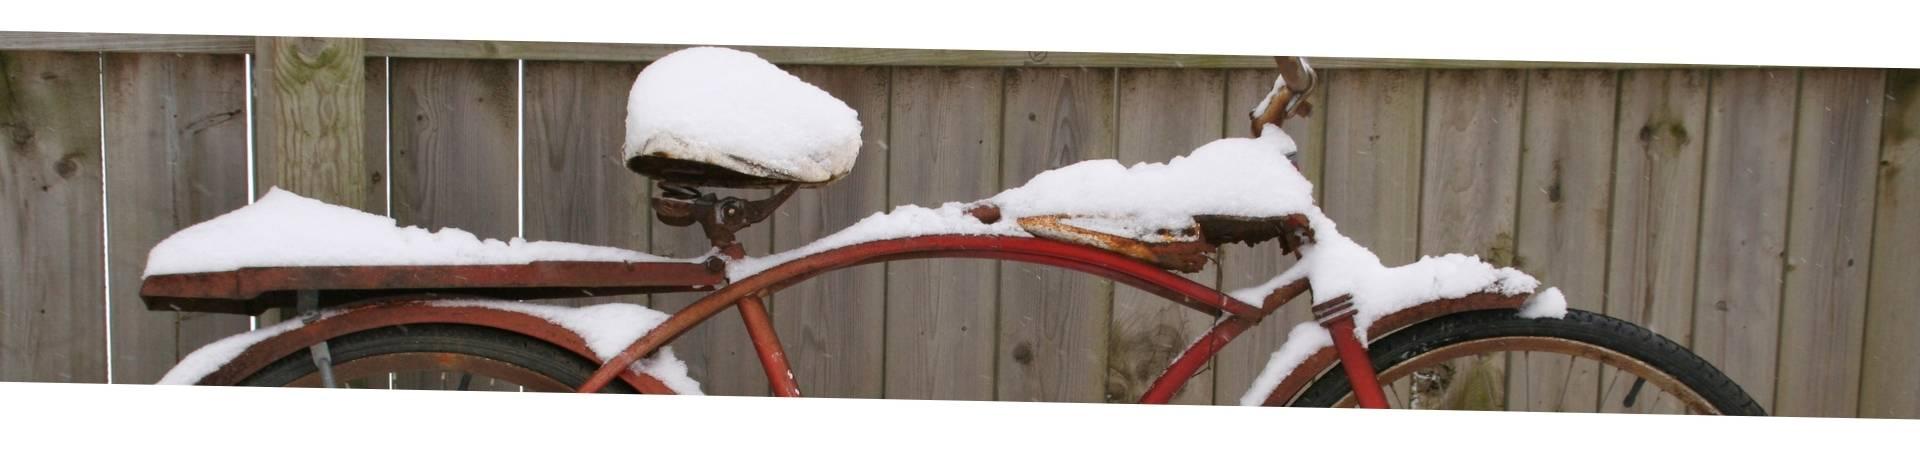 femme qui fait du vélo en hiver dans le froid